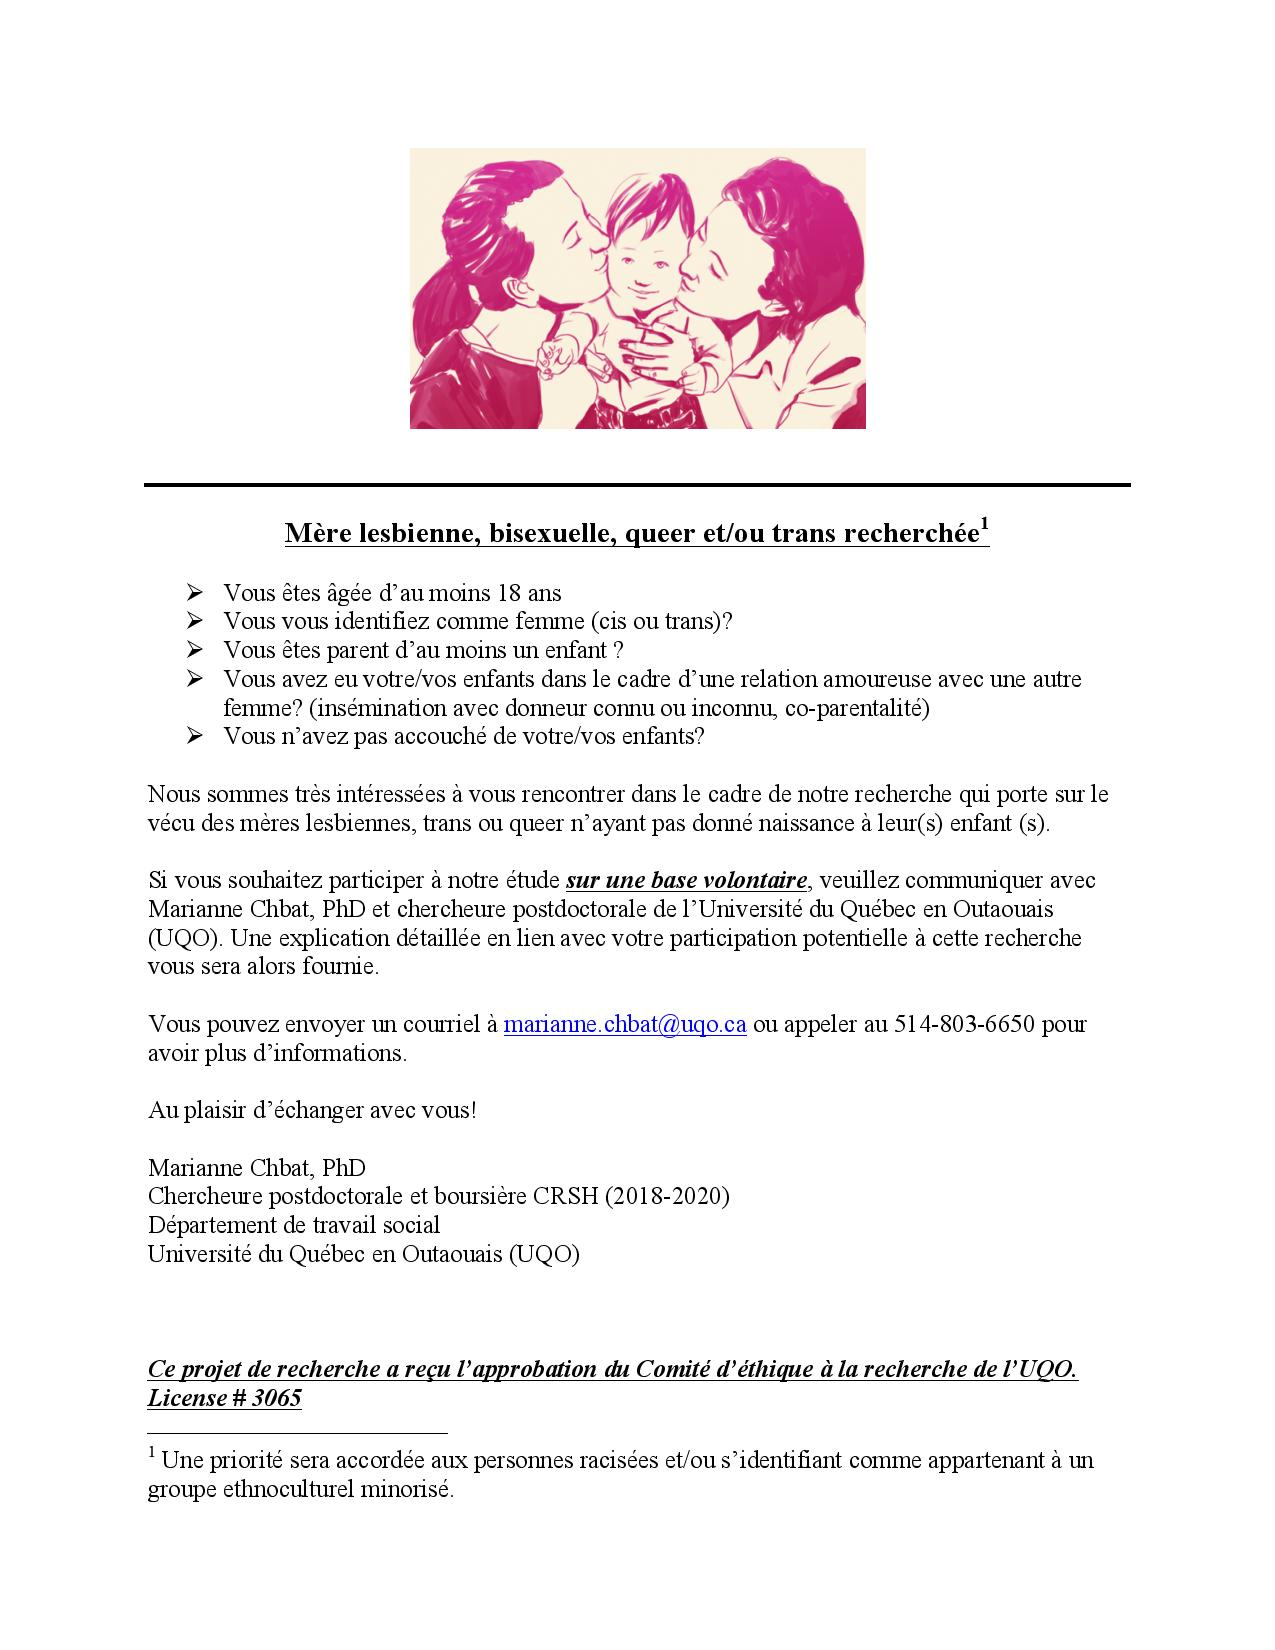 Appel à participation | « Mère lesbienne, bisexuelle, queer et/ou trans recherchée »